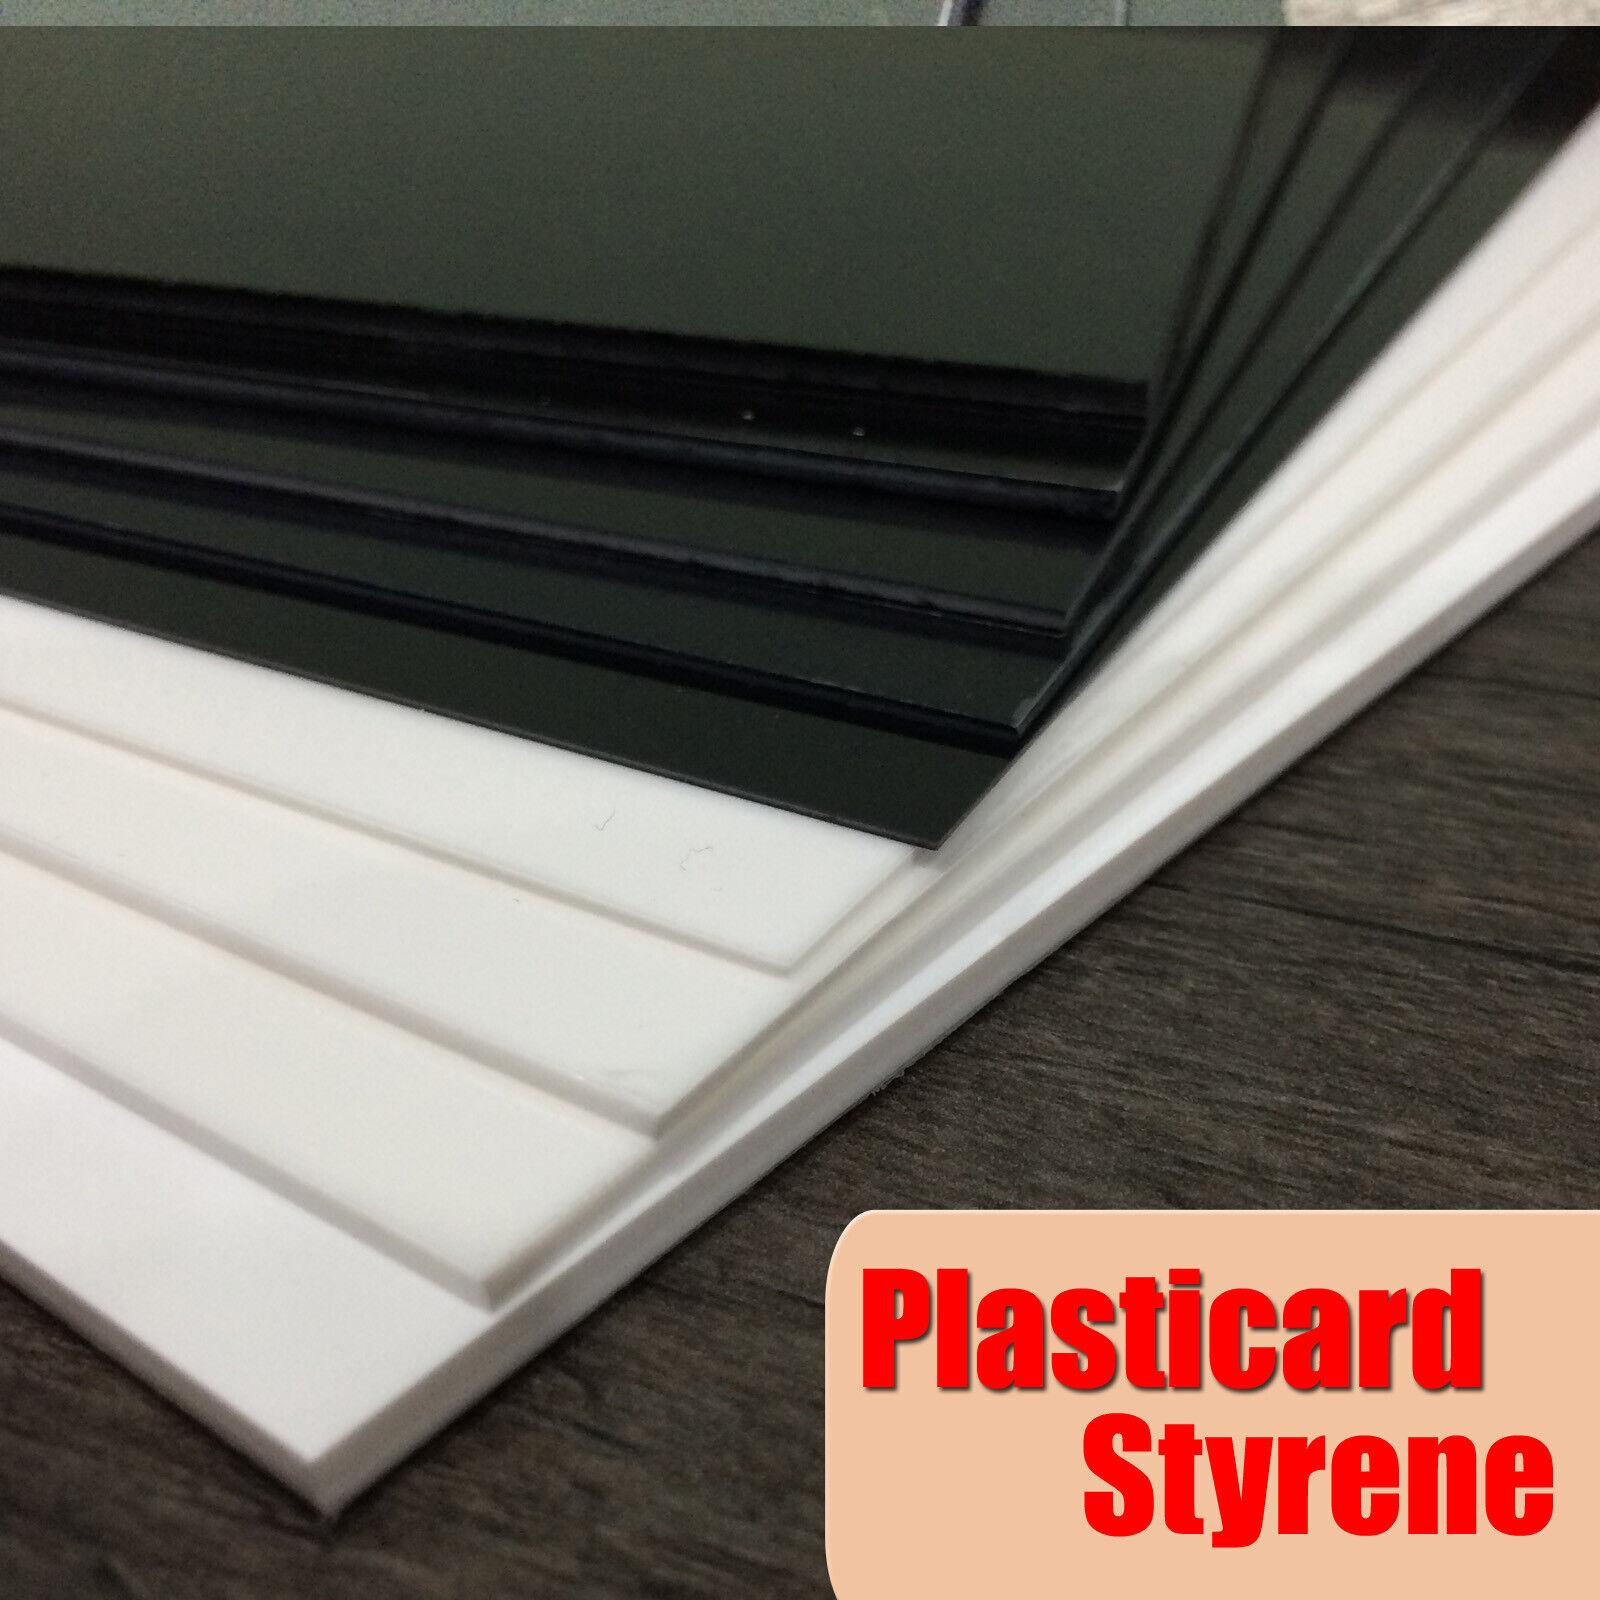 Plasticard Styrene (HIPS) A4 Plastic sheet Black or White - 0.5mm to 4.0mm